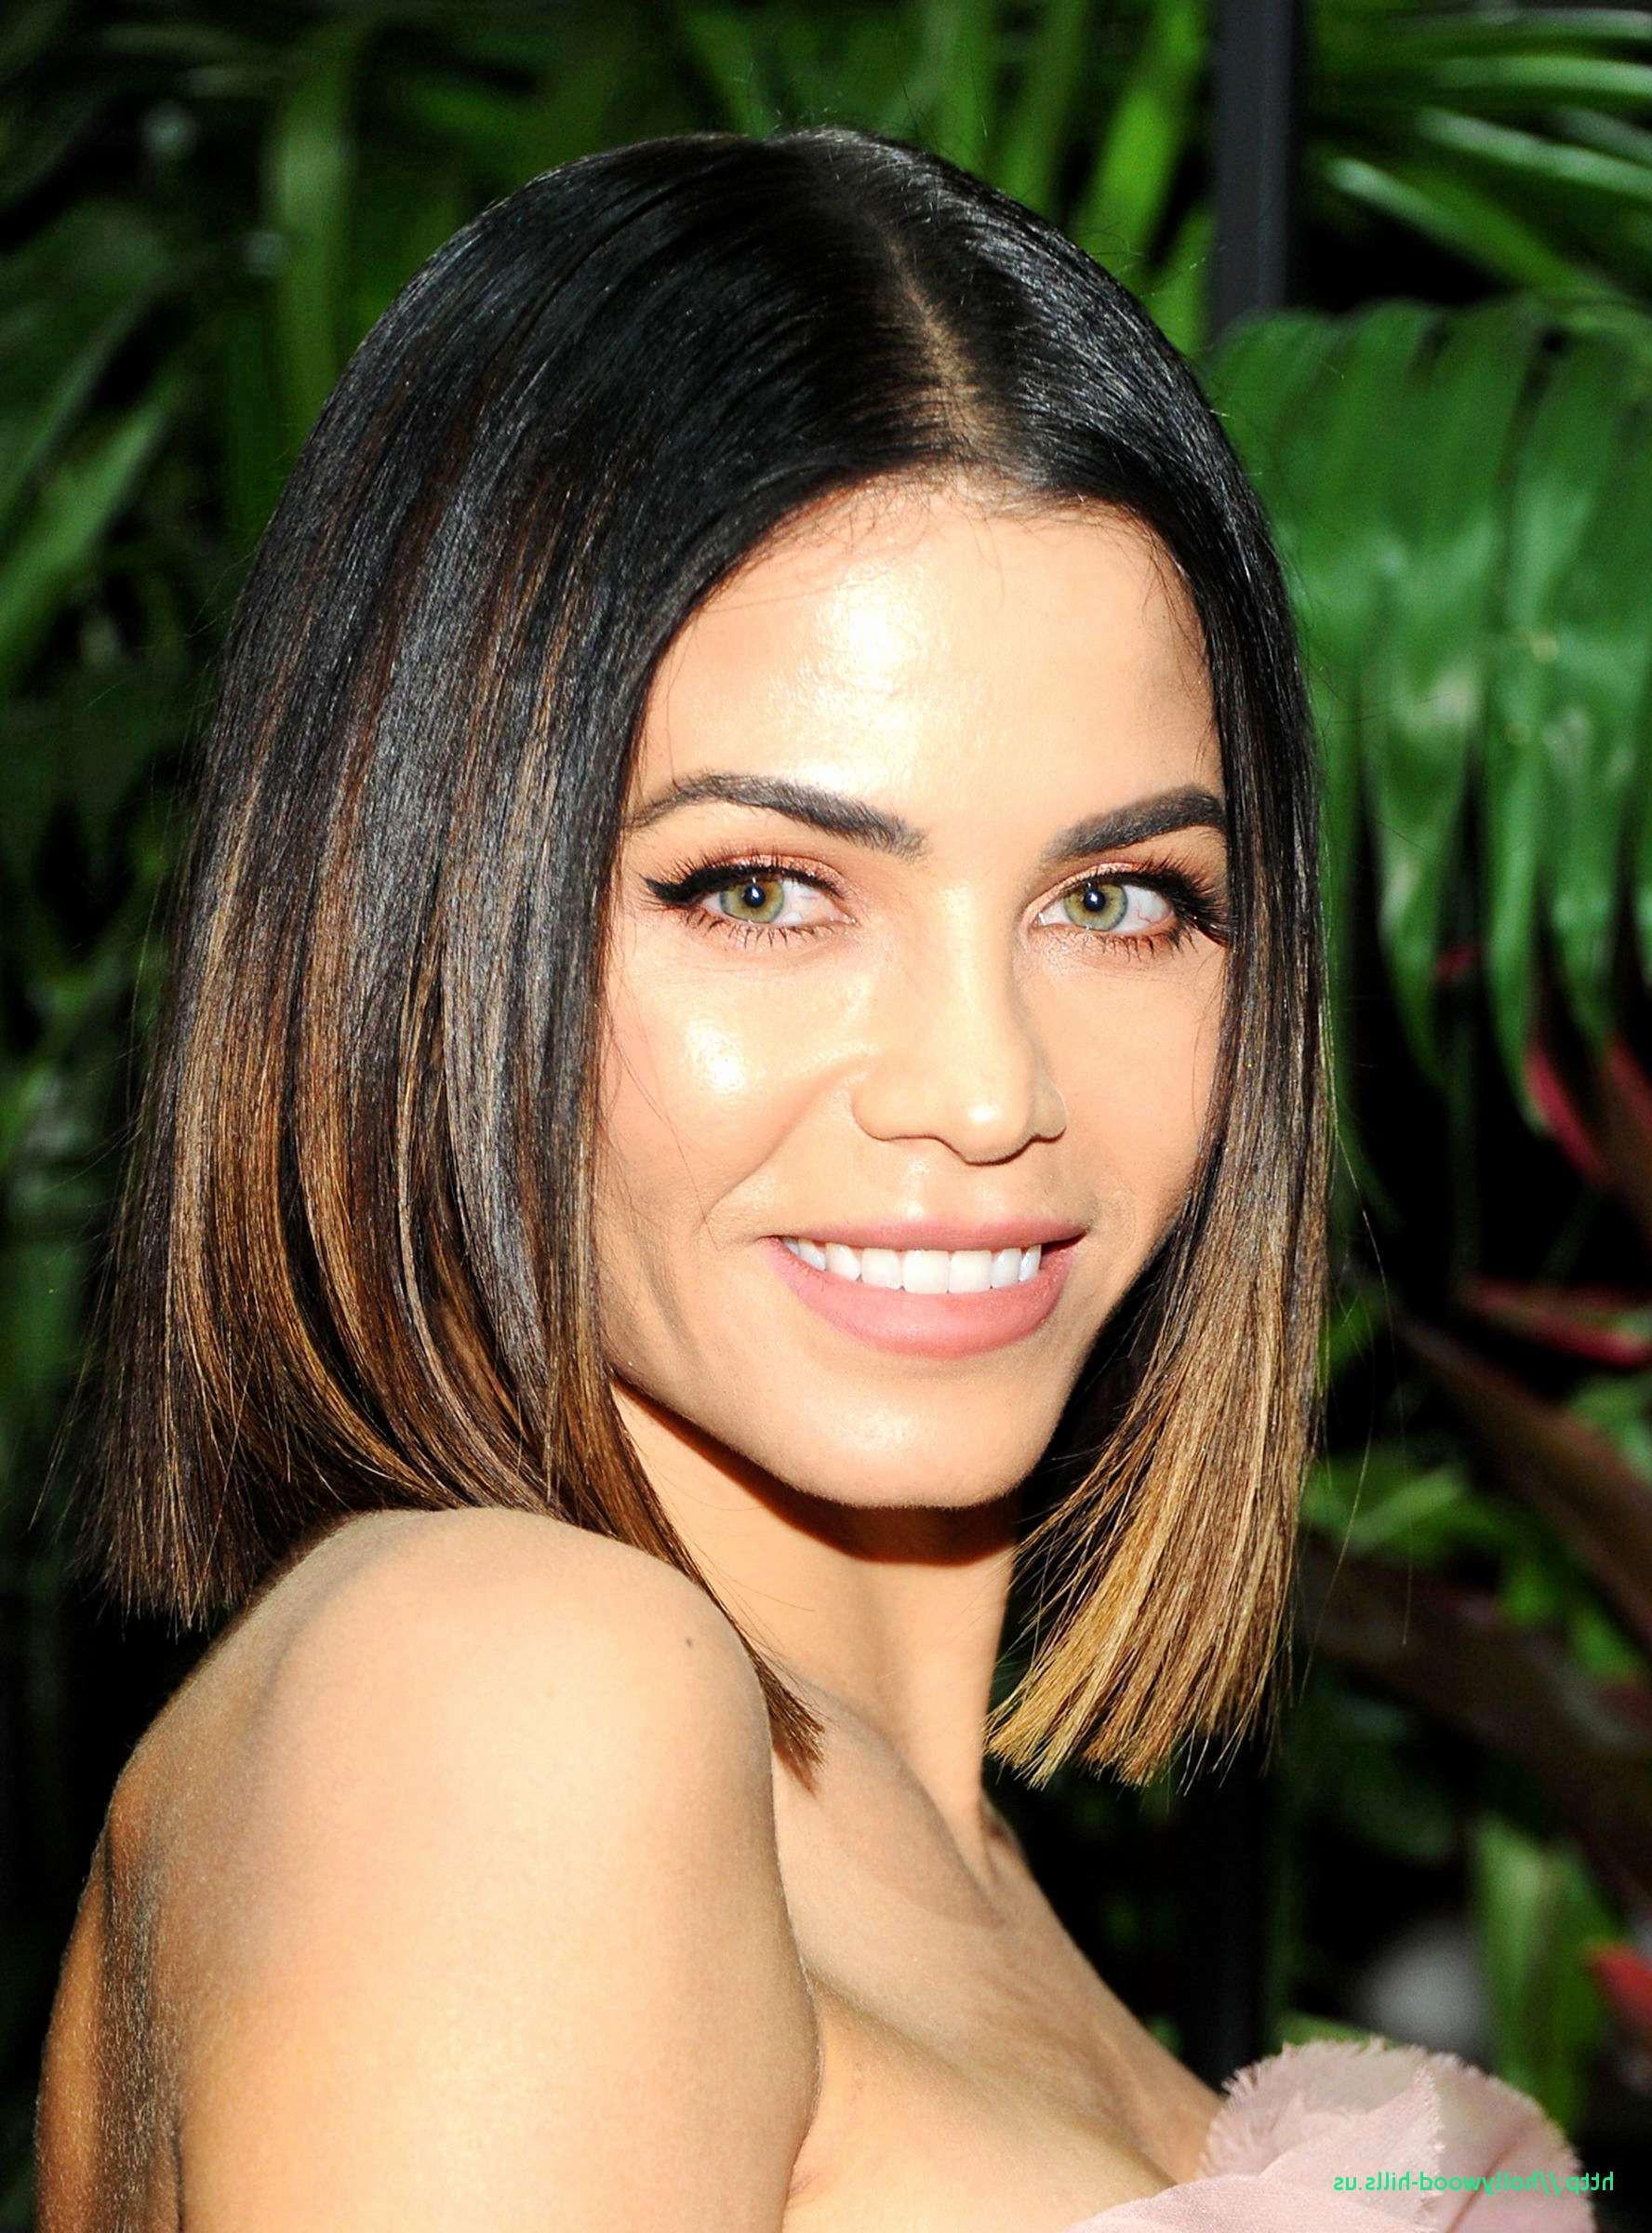 Cute Short Haircuts For Thin Hair Cute Short Hairstyles New Cute Within Cute Short Haircuts For Thin Hair (View 21 of 25)